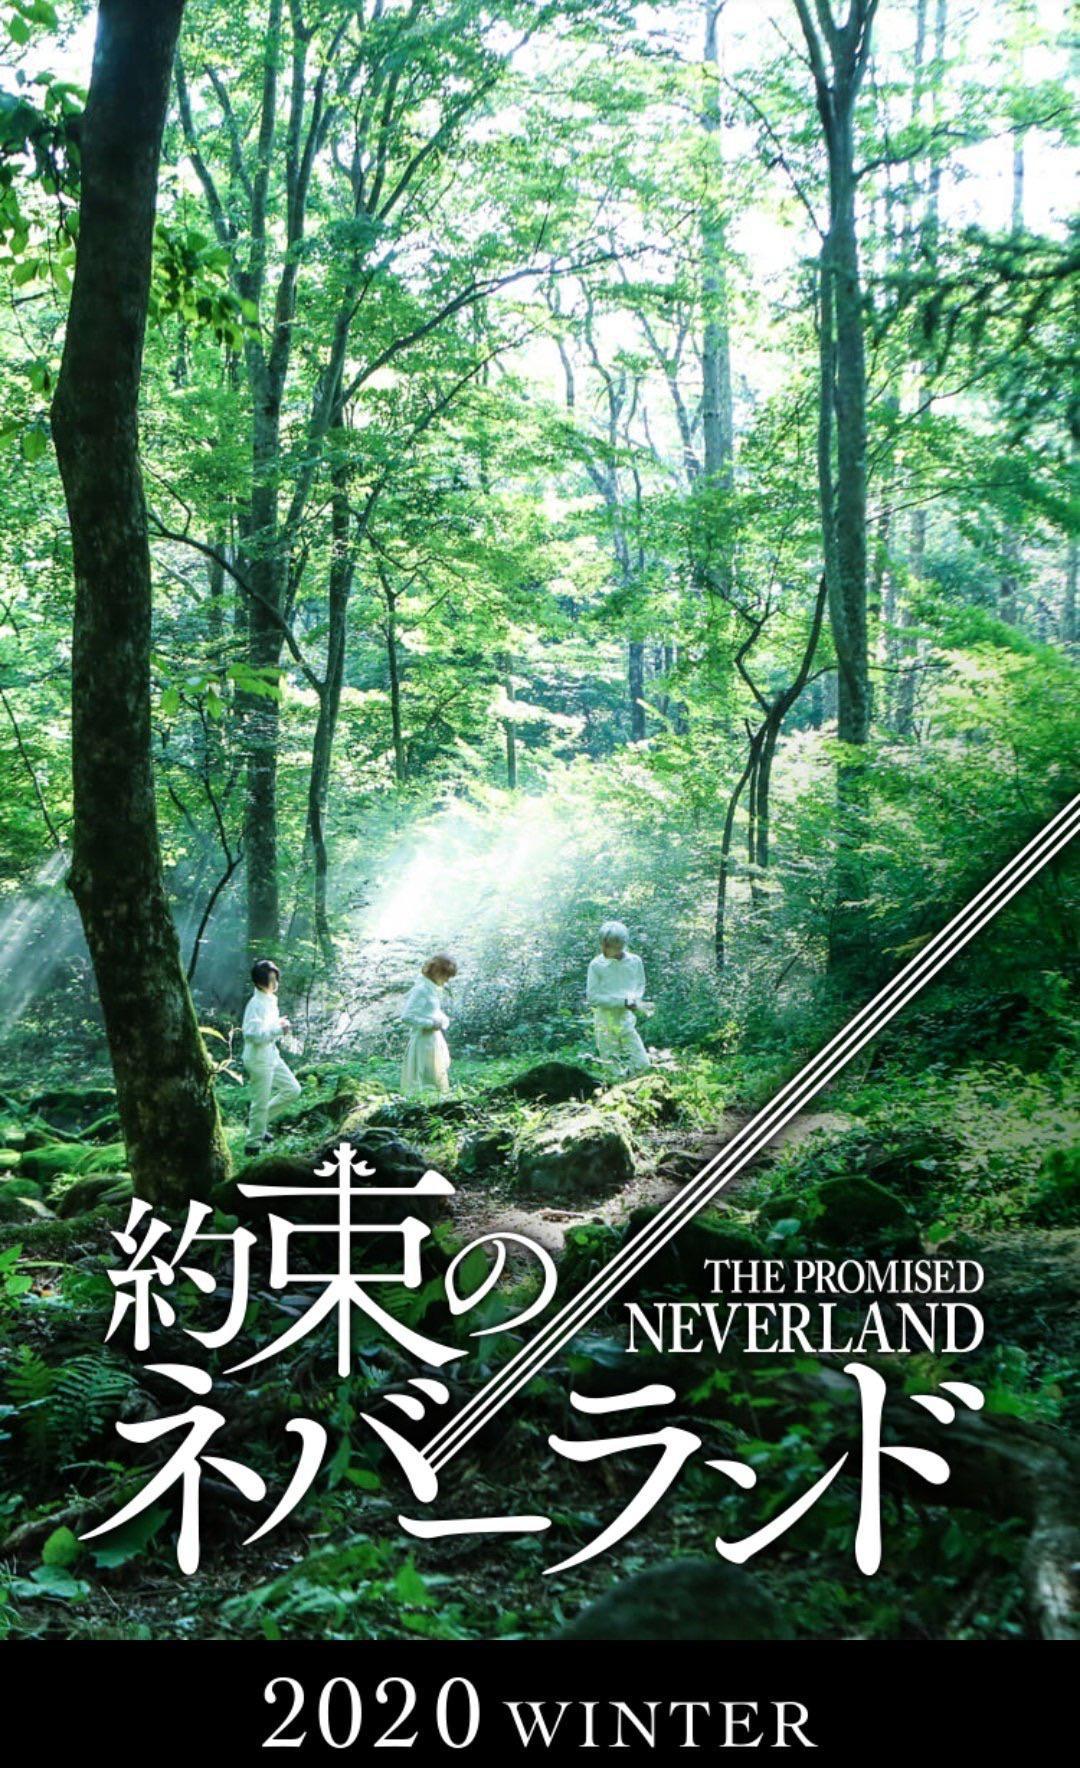 The Promised Neverland Movie | The Promised Neverland Wiki | Fandom